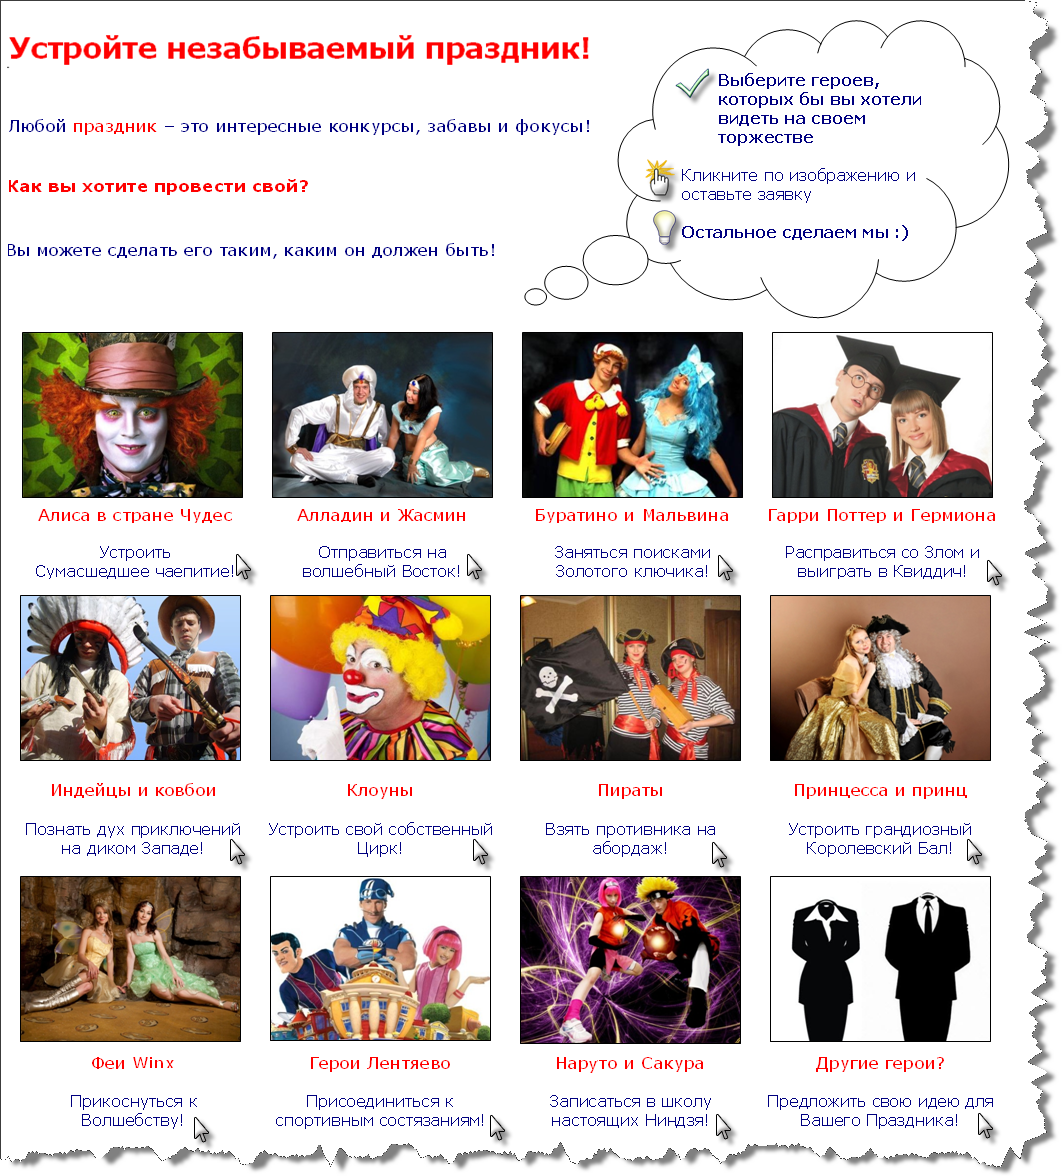 Посадочная страница (landing page) услуги аниматоров